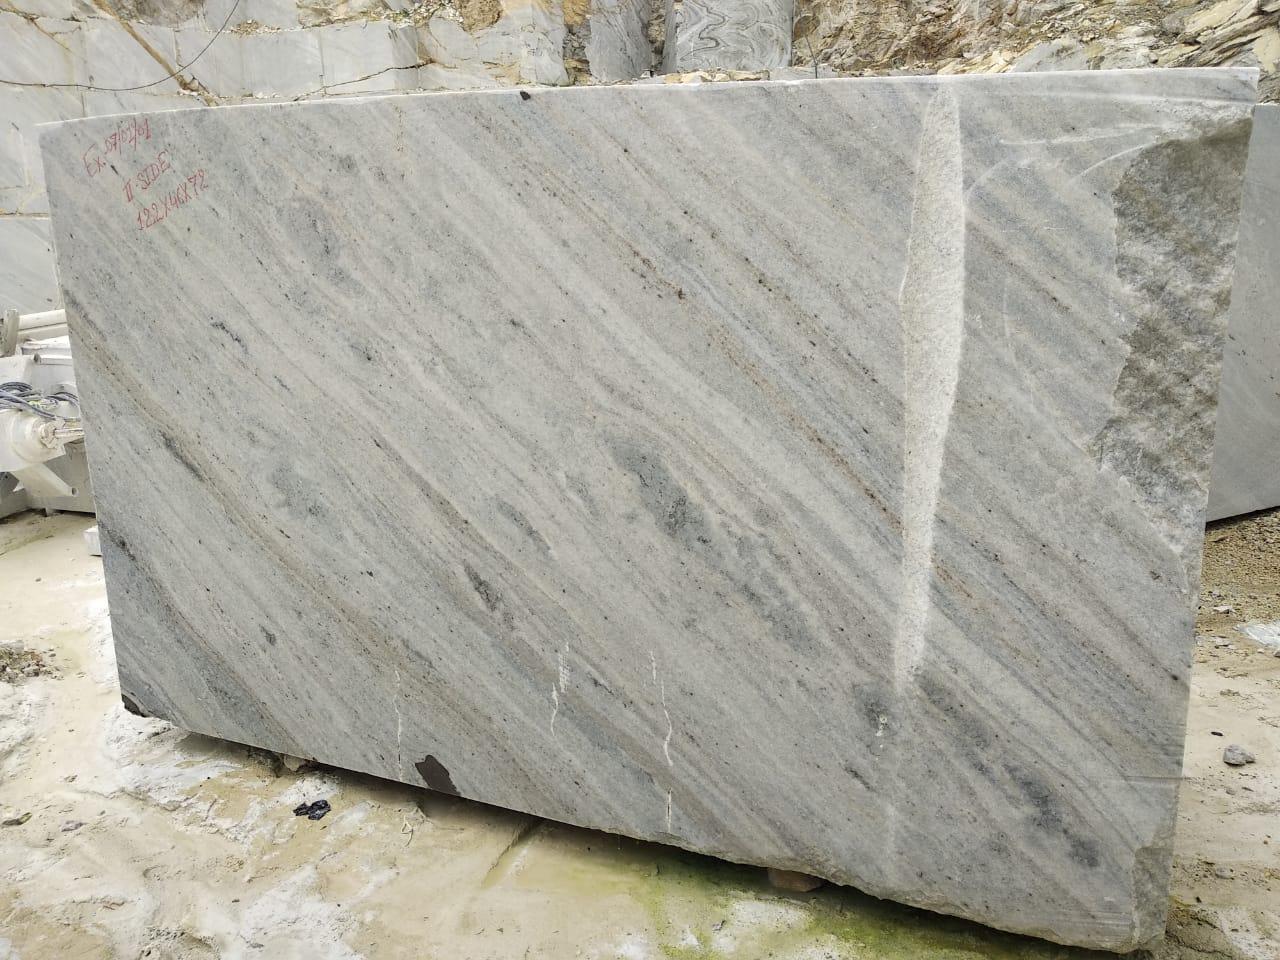 Dock brown marble block